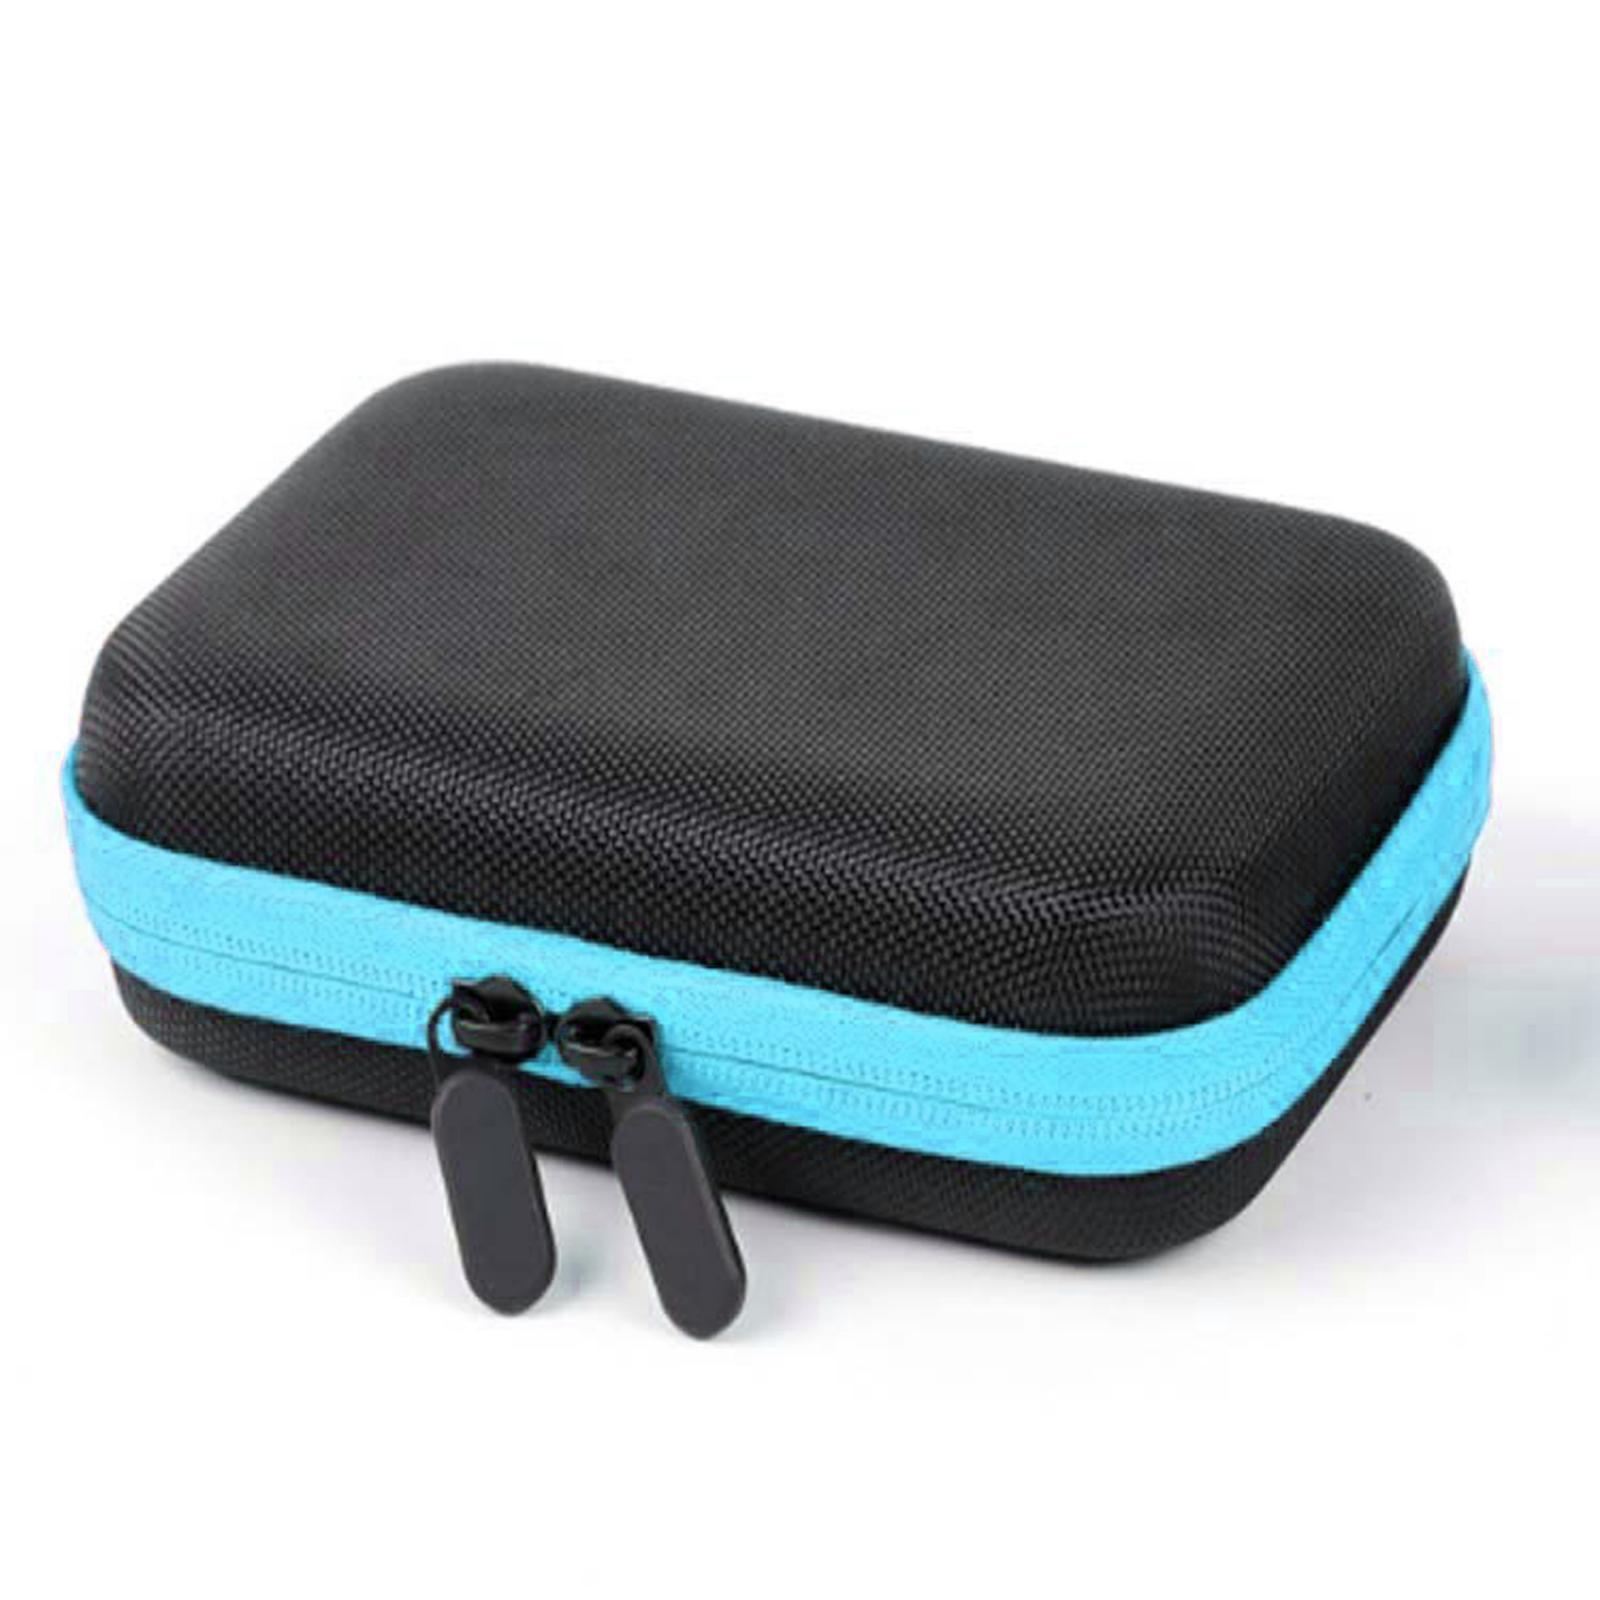 Sacchetto-di-olio-essenziale-custodia-da-viaggio-per-aromaterapia-da-10ml-per-12 miniatura 35